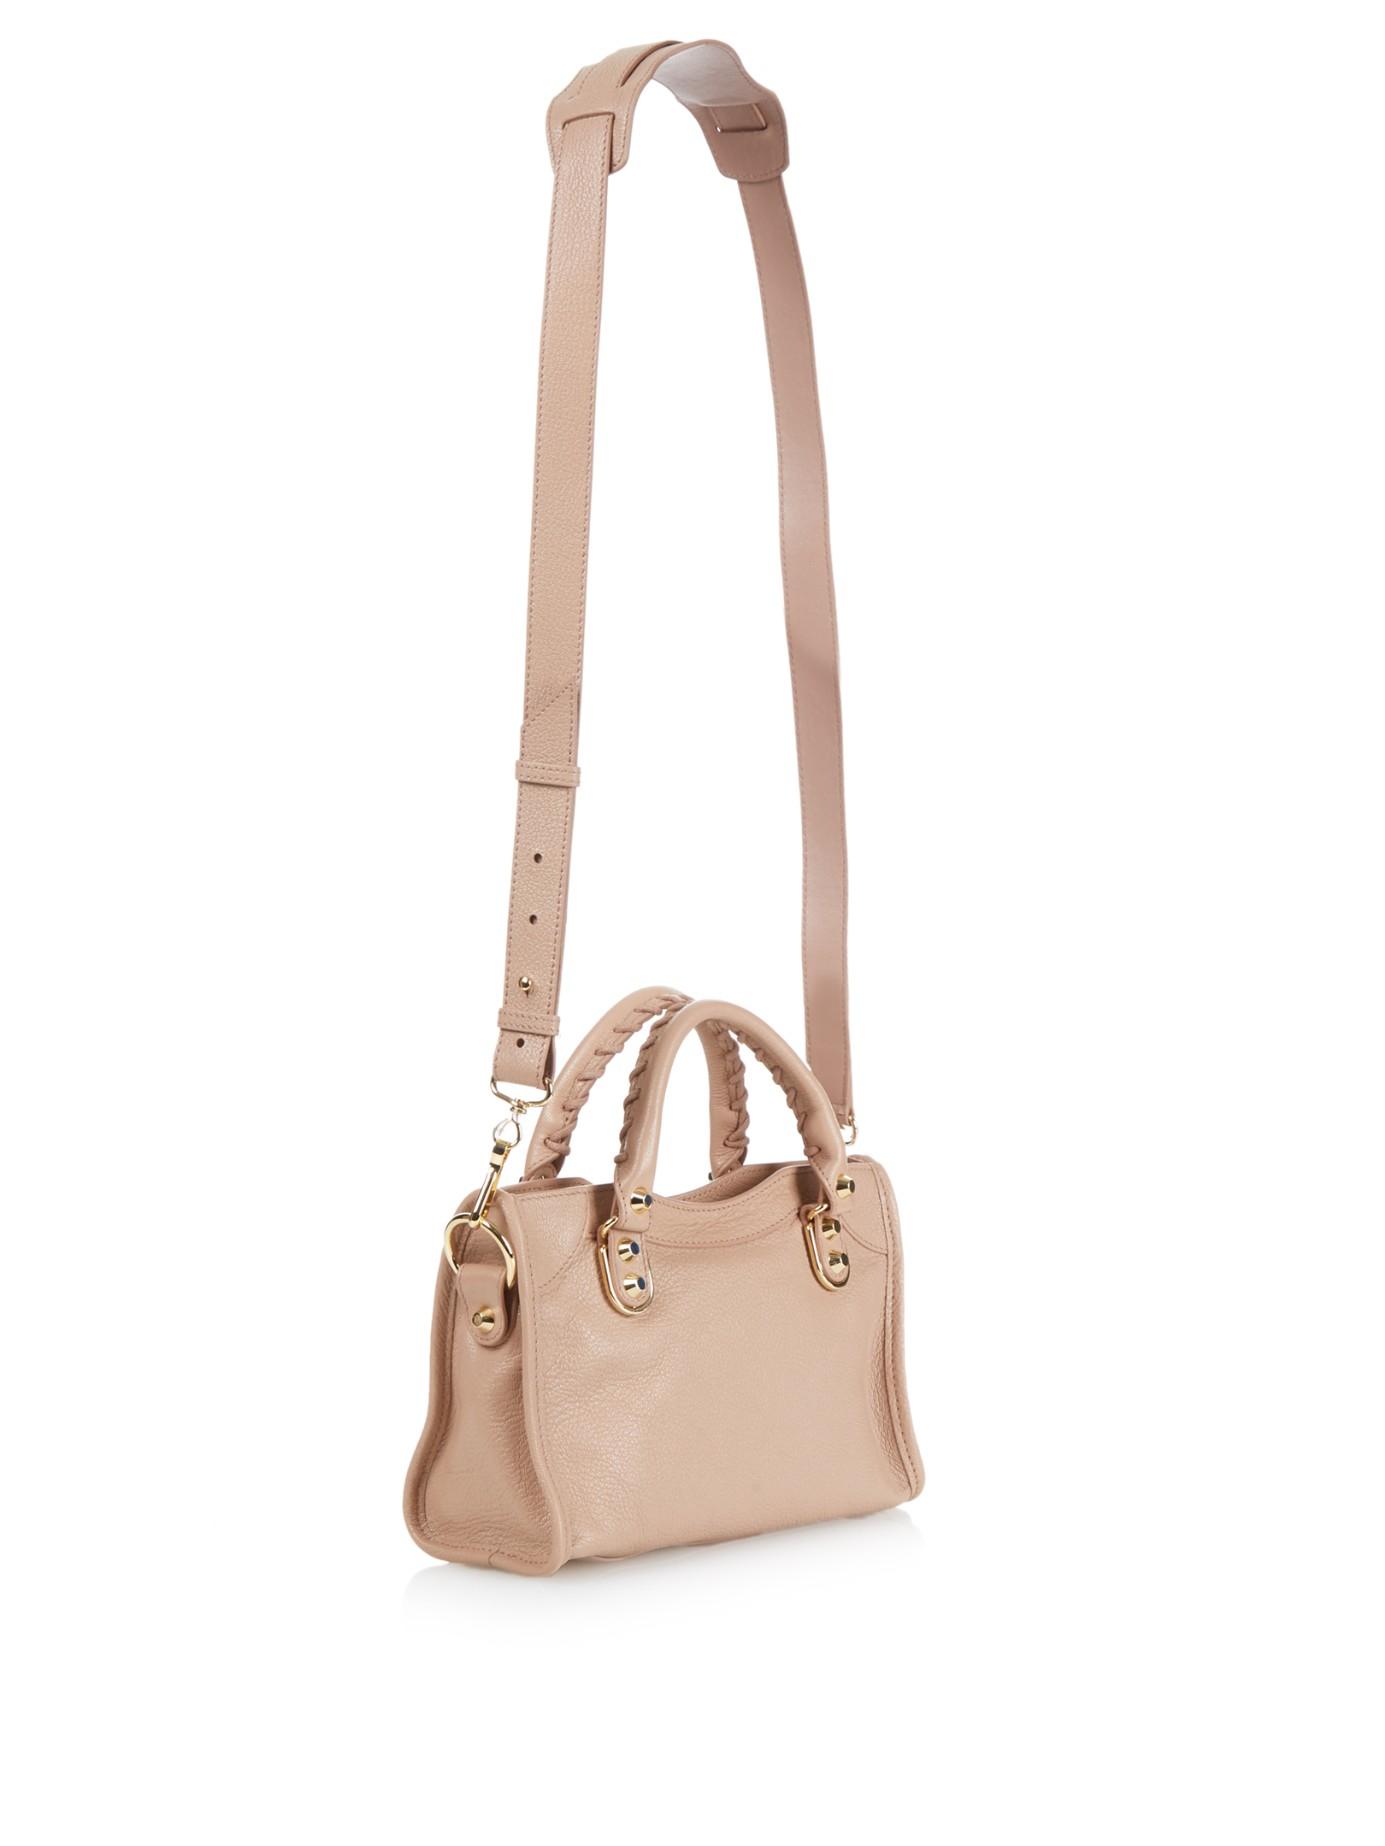 2690647deb Balenciaga Classic Mini City Metallic-Edge Cross-Body Bag in Pink - Lyst